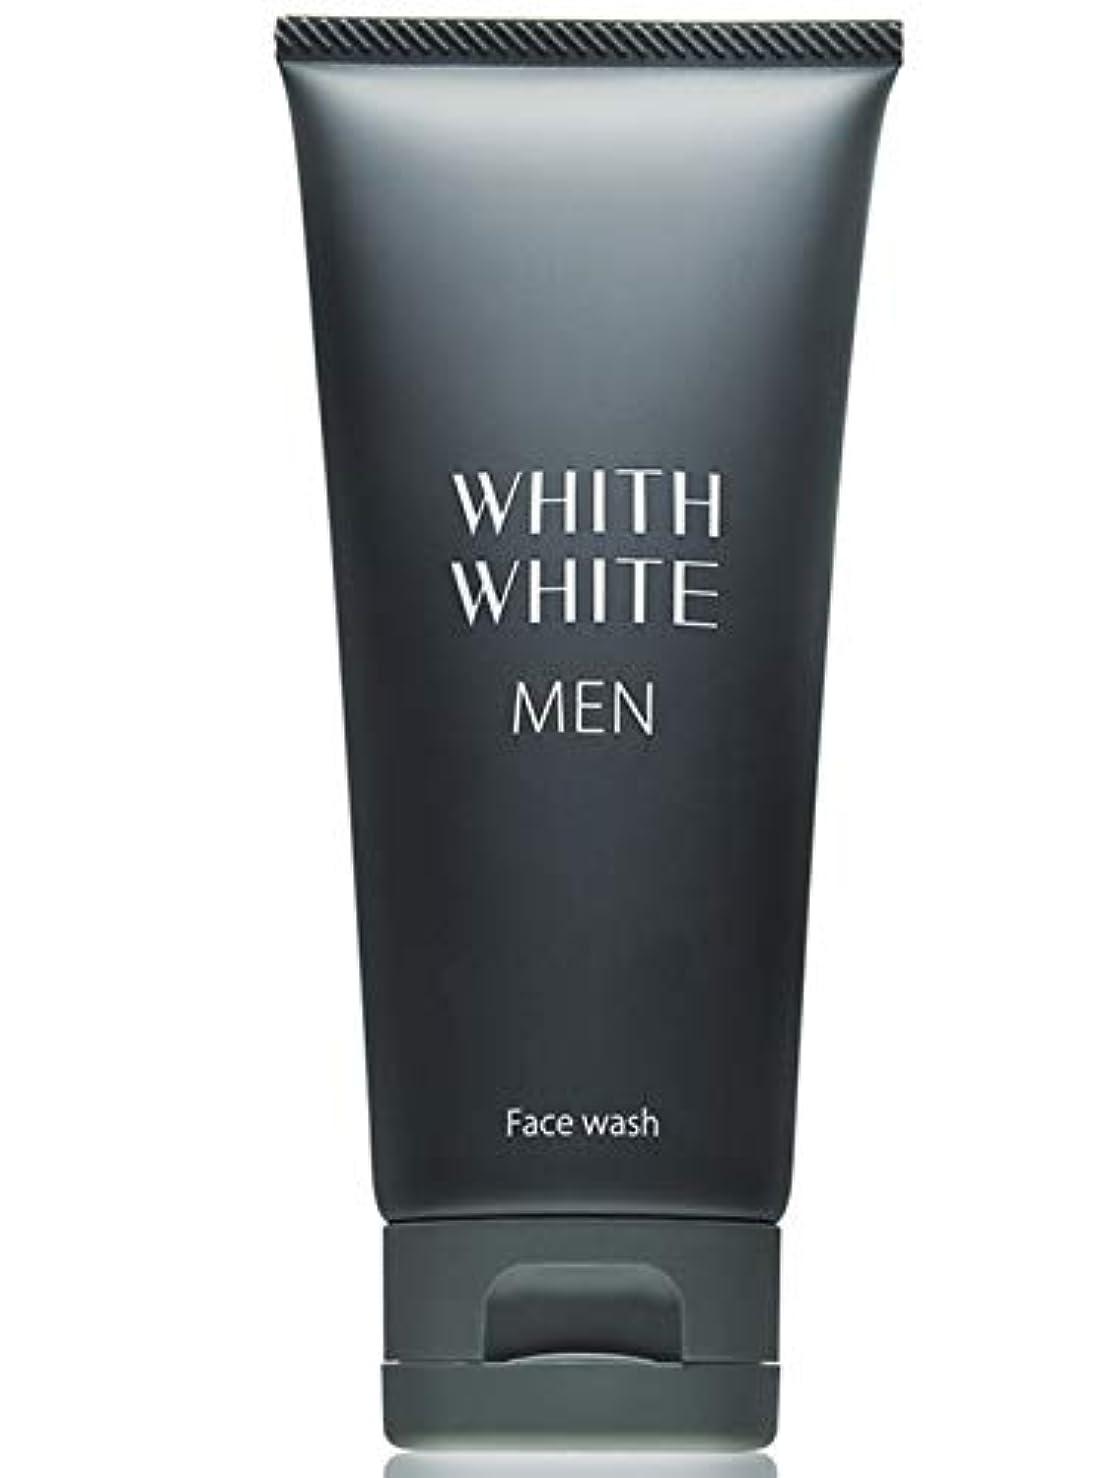 ソーダ水快い美しい洗顔 メンズ 医薬部外品 【 男 の しみ くすみ 対策 】 フィス ホワイト 「 30代~50代の 男性 専用 洗顔フォーム 」「 保湿 ヒアルロン酸 配合 洗顔料 」(男性用 スキンケア 化粧品 )95g